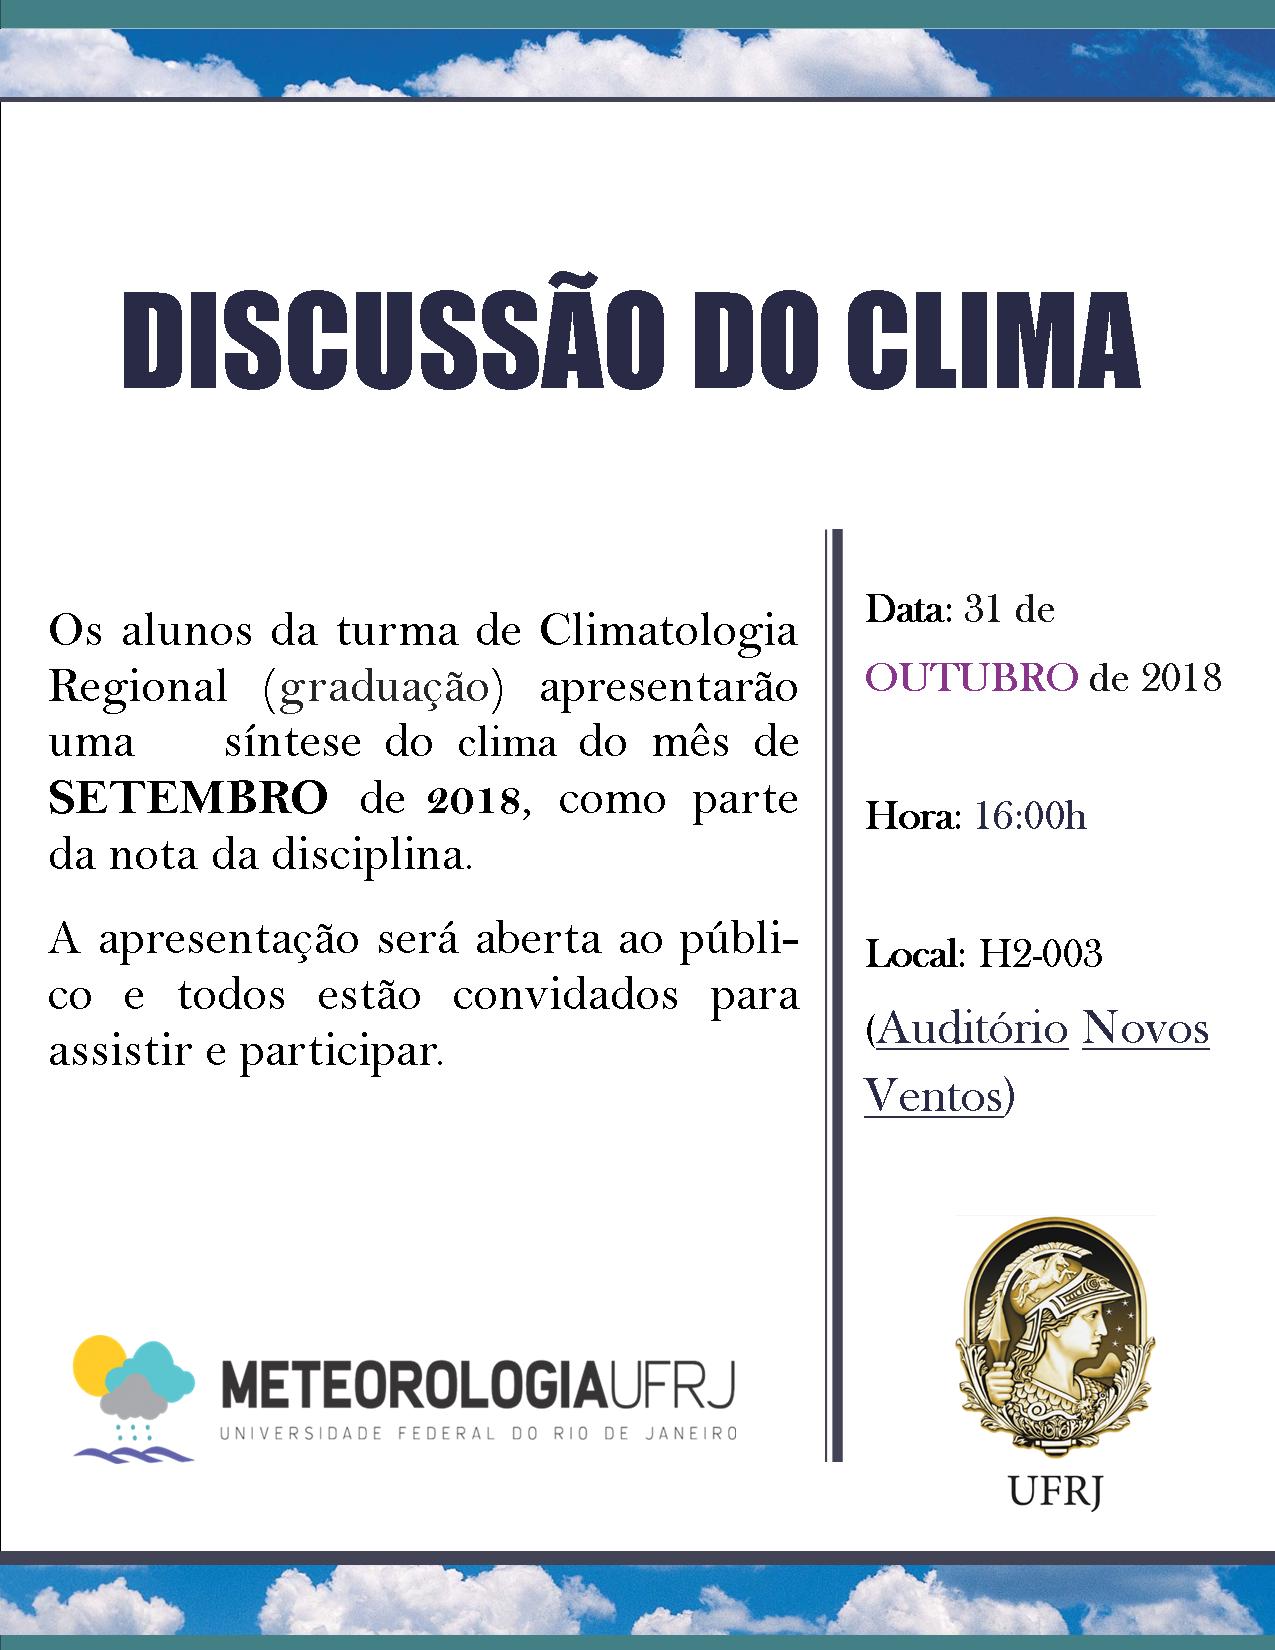 Discussão do Clima do mês de setembro